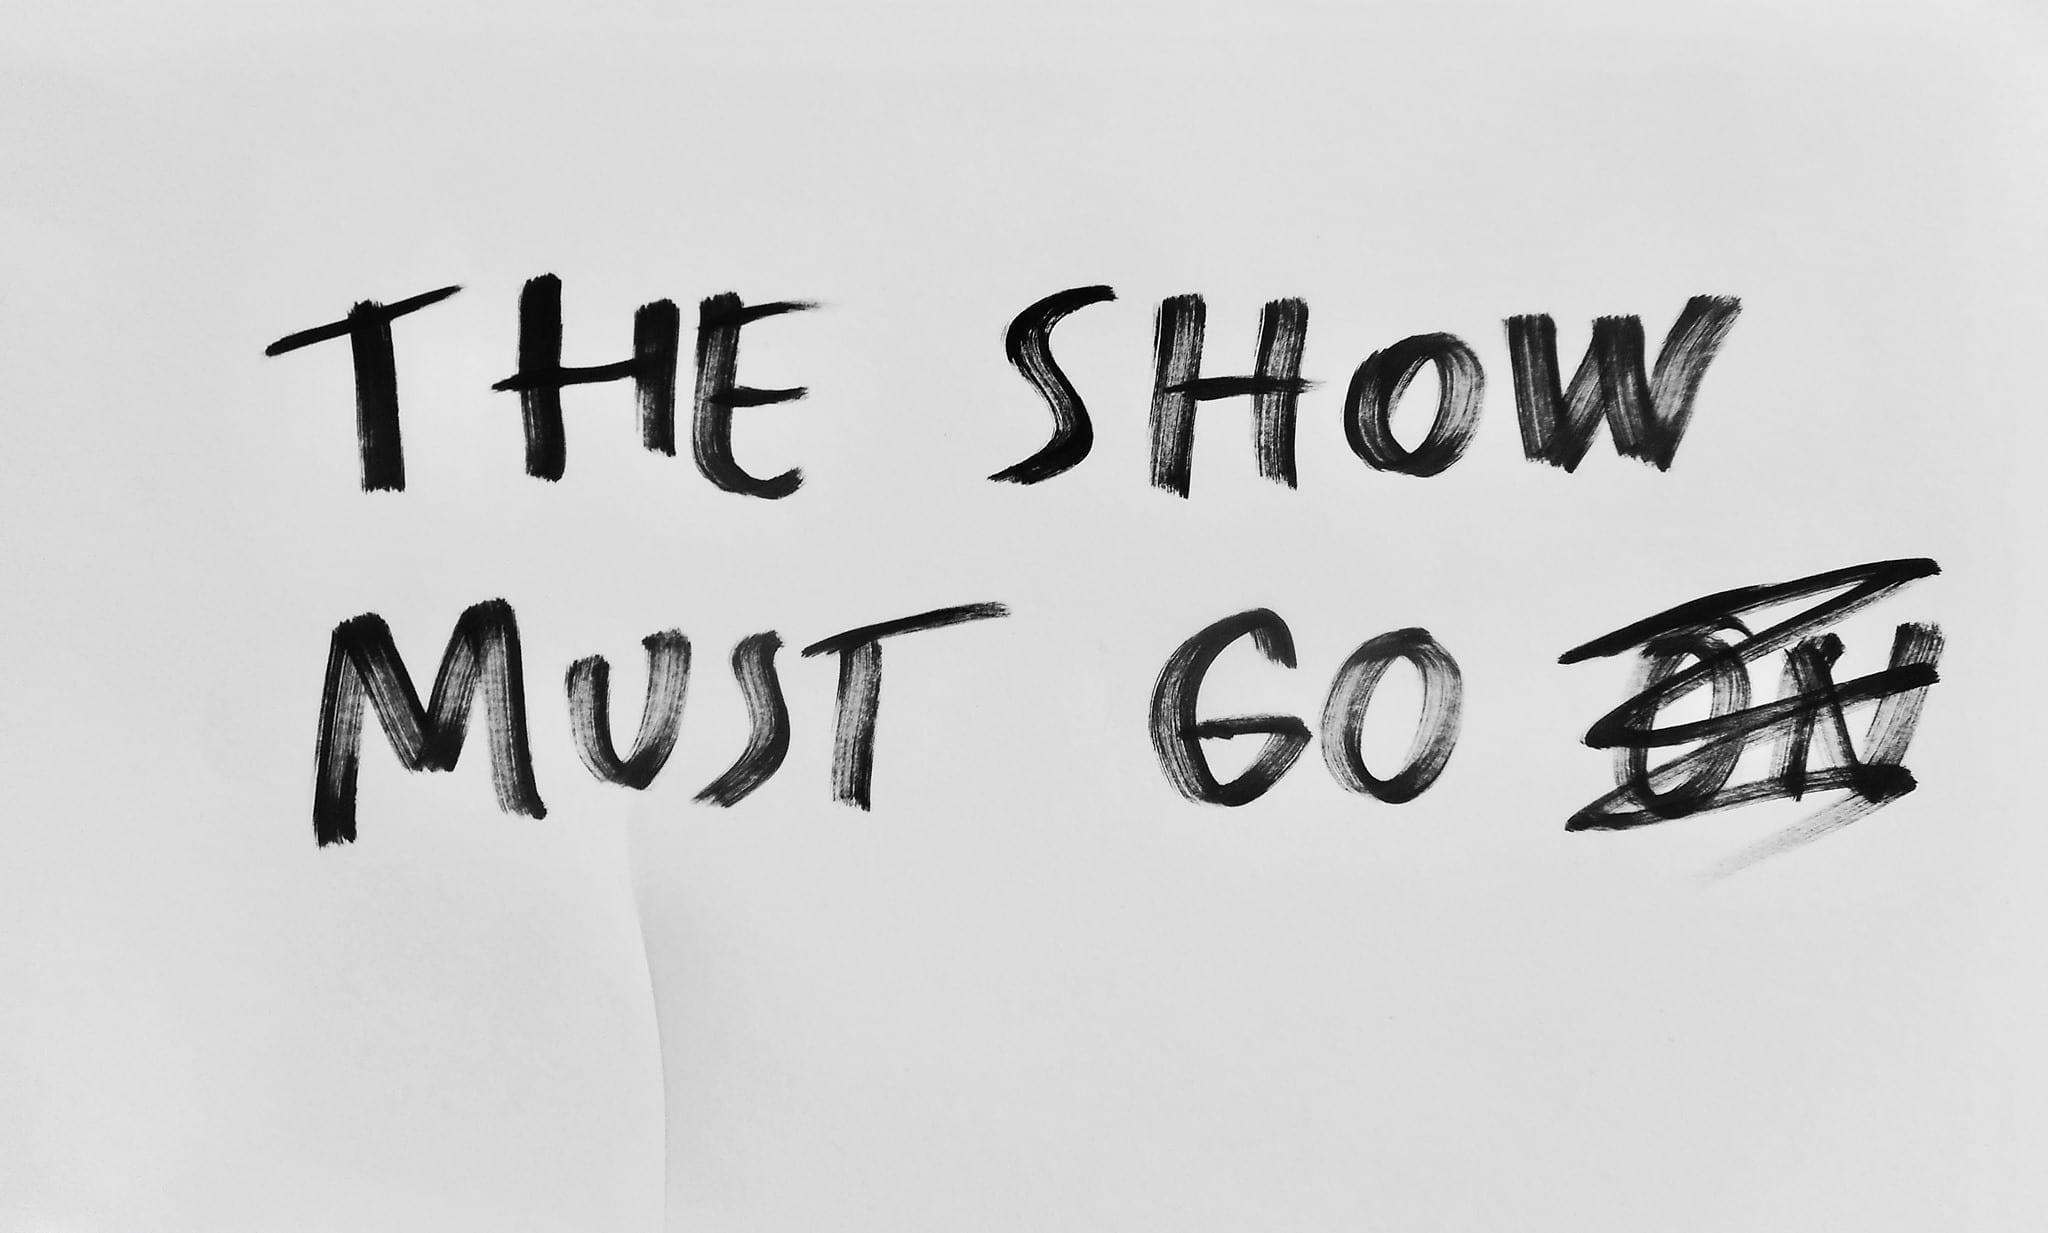 2020 Dan Perjovschi Show must go